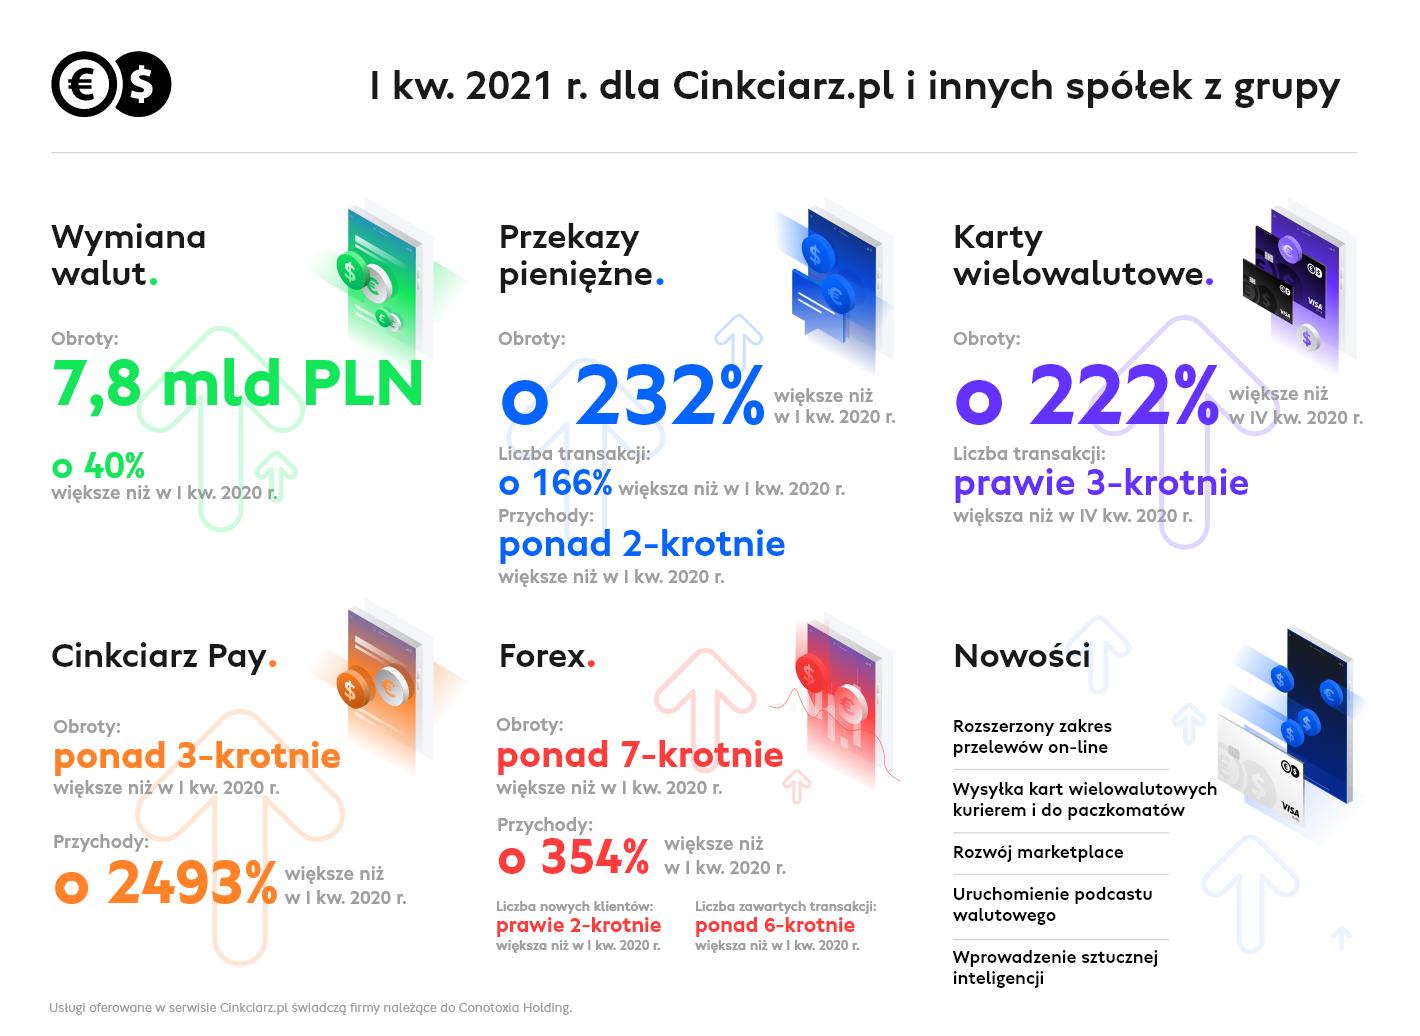 Ofensywa Cinkciarz.pl i innych spółek z grupy trwa: rekordowy I kwartał 2021 r.